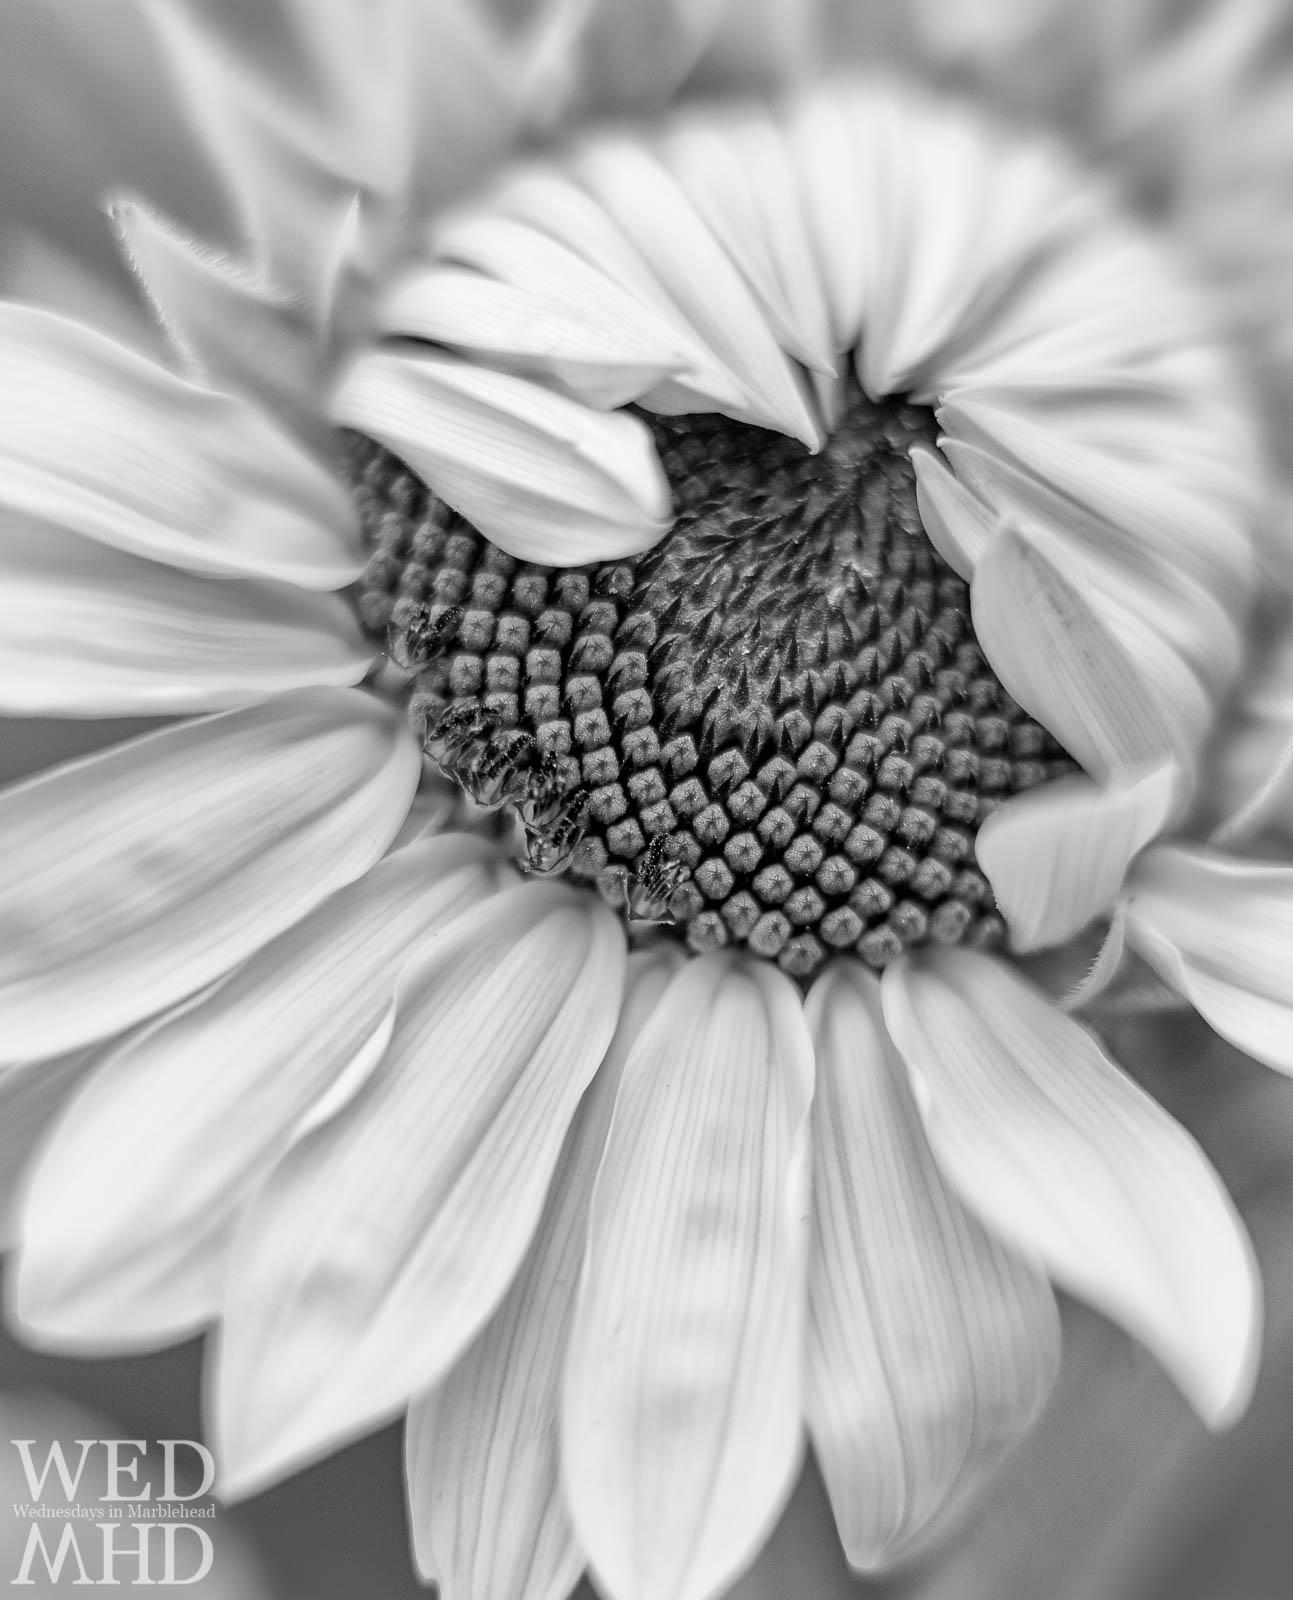 Half-Opened Sunflower